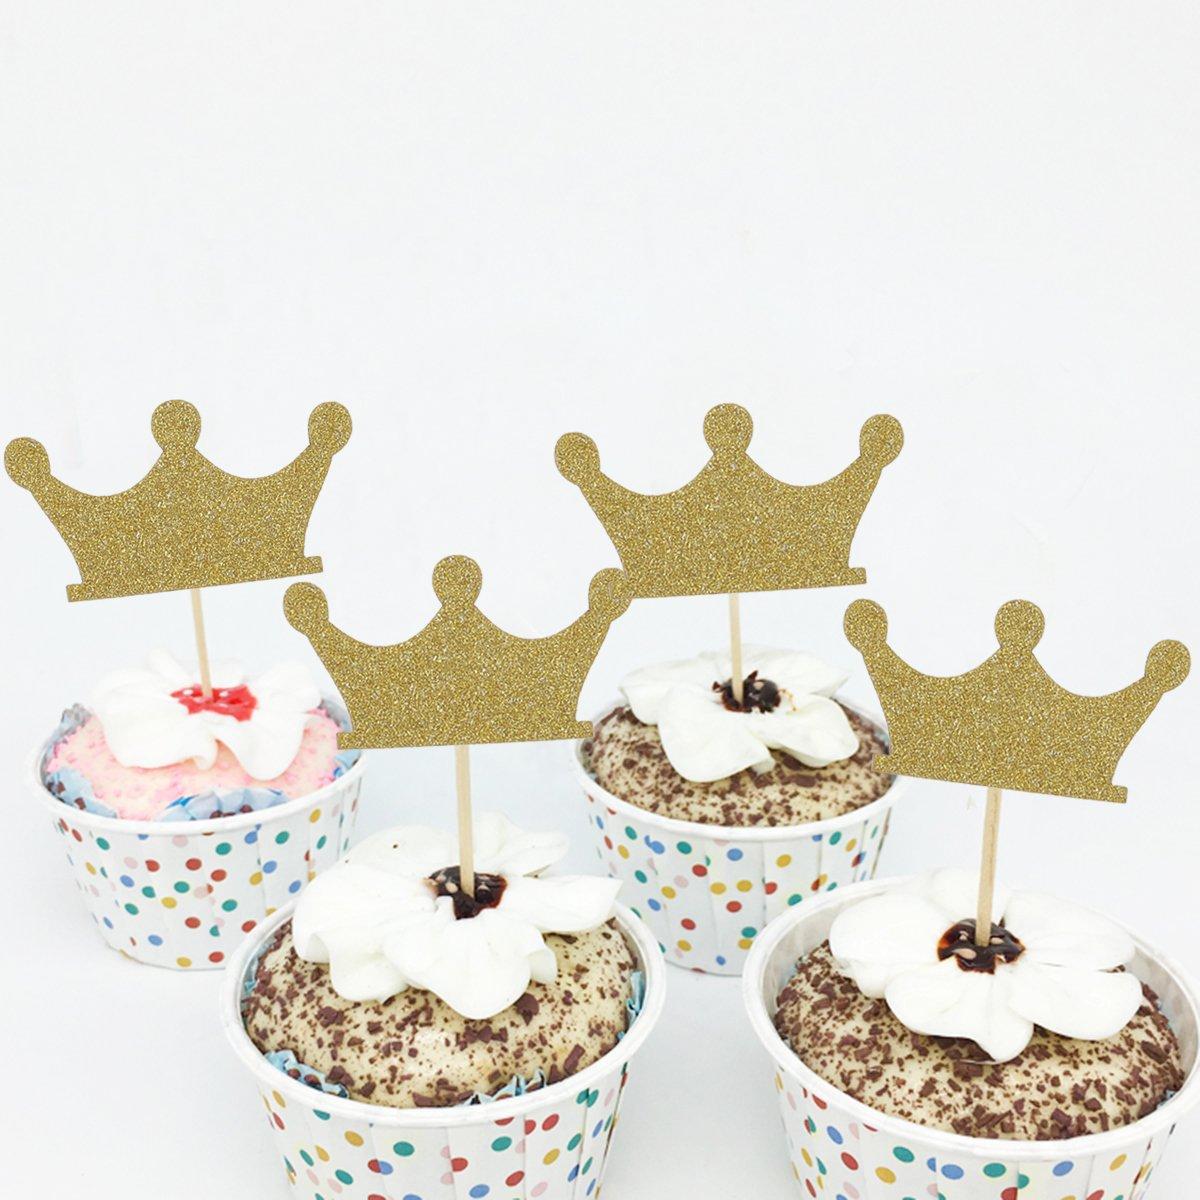 Paillettes dor pour la f/ête danniversaire de mariage Baby Shower Cupcake Topper D/écoration SUPVOX 100pcs Or Couronne Confetti Table Decor